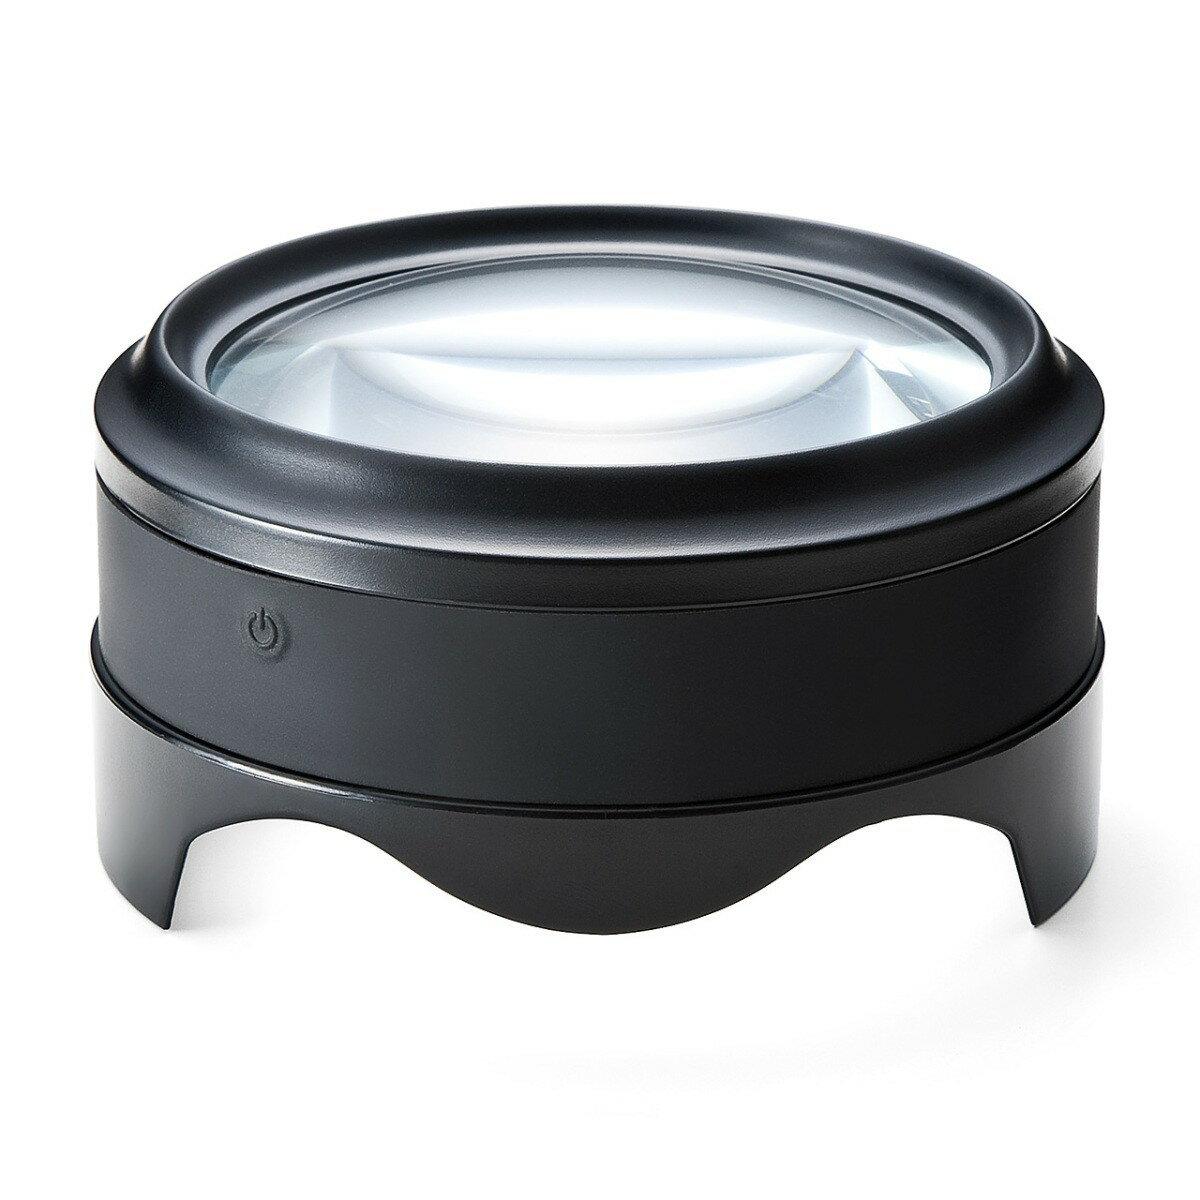 拡大鏡 ルーペ 5倍 電池不要・USB充電式 LEDライト付きで明るい 高級感あるおしゃれなデザイン 虫眼鏡 デスクルーペ 拡大率5倍[400-LPE013]【サンワダイレクト限定品】【送料無料】